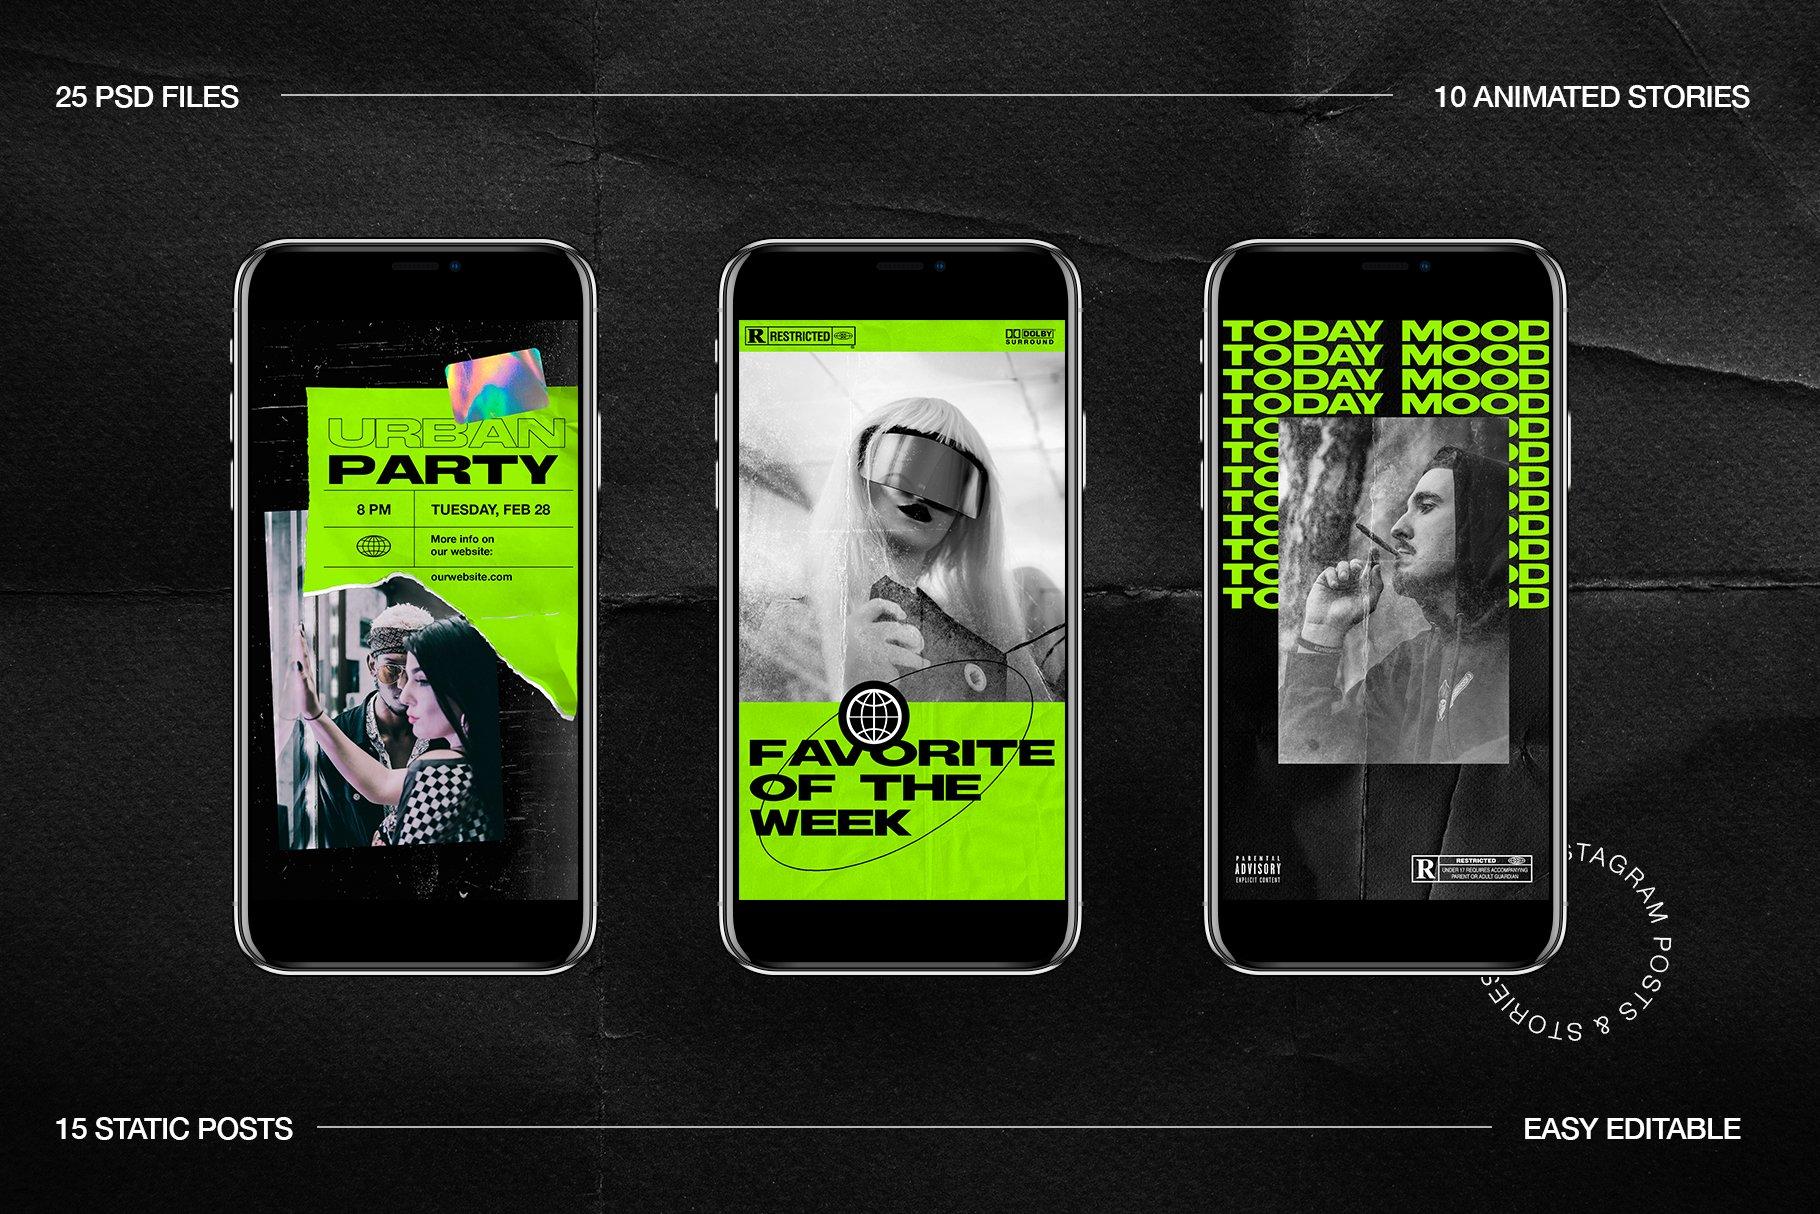 [淘宝购买] 潮流霓虹撕纸效果新媒体推广电商海报设计PSD模板 Neon Instagram Posts & Stories插图(11)